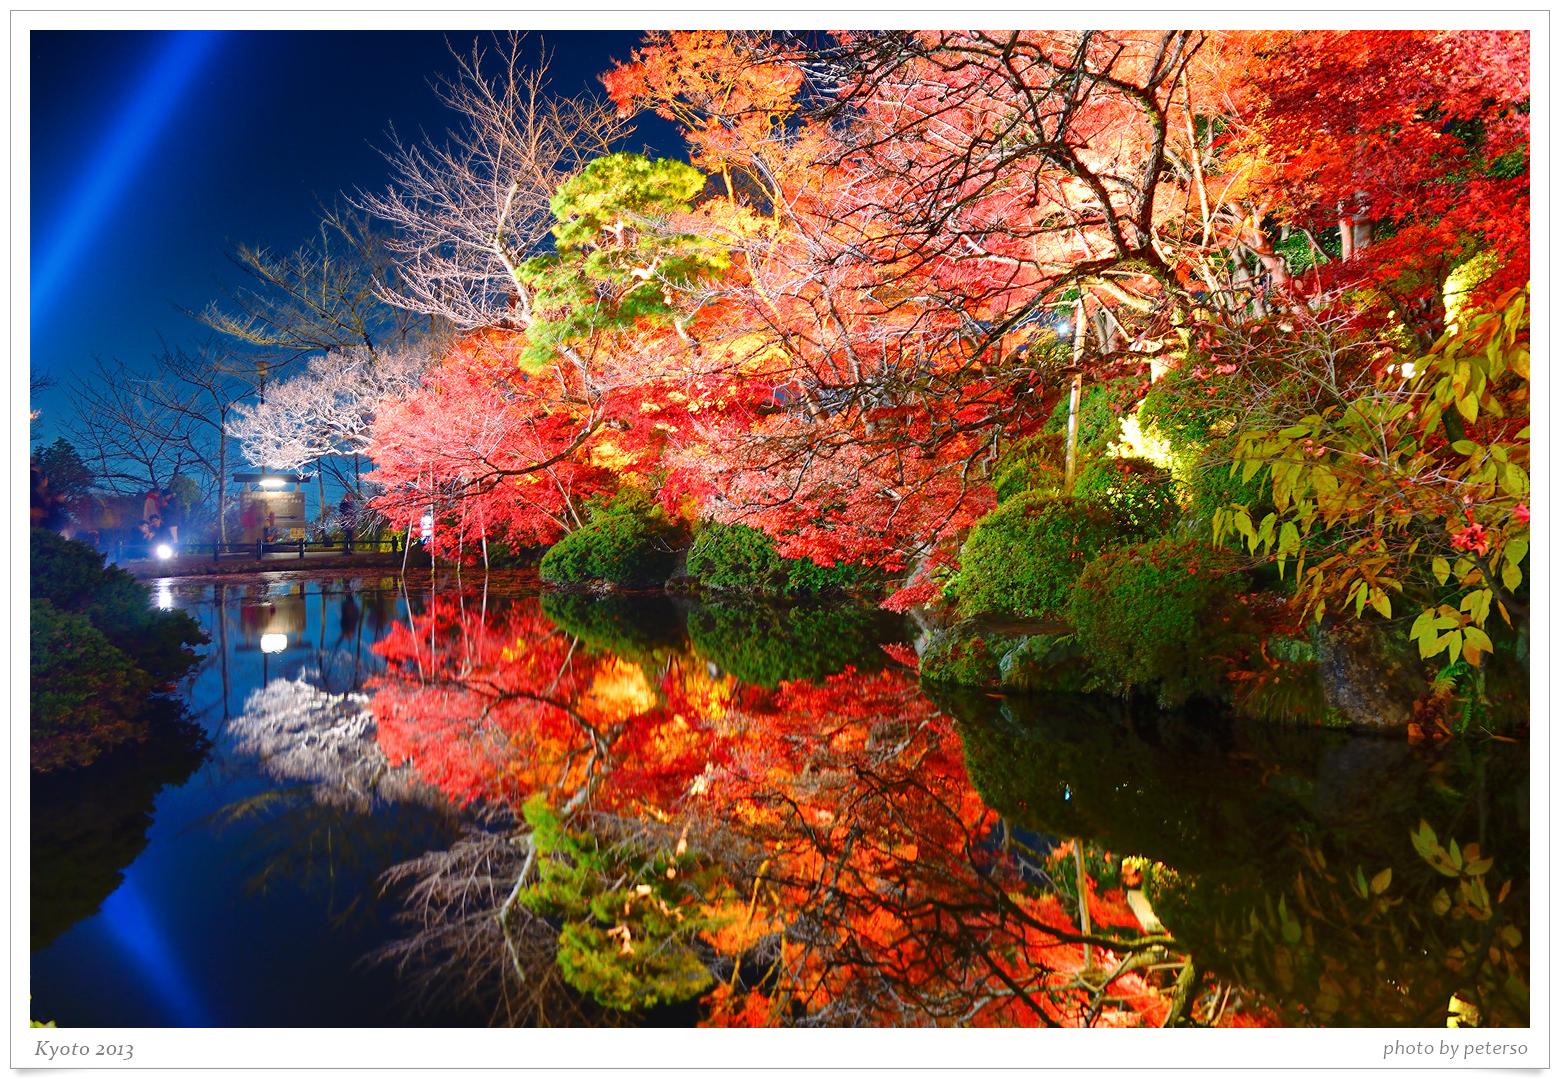 https://photos.smugmug.com/Travel/Kyoto-2013/i-vgN6BB7/0/7a8d5a51/O/505f.jpg